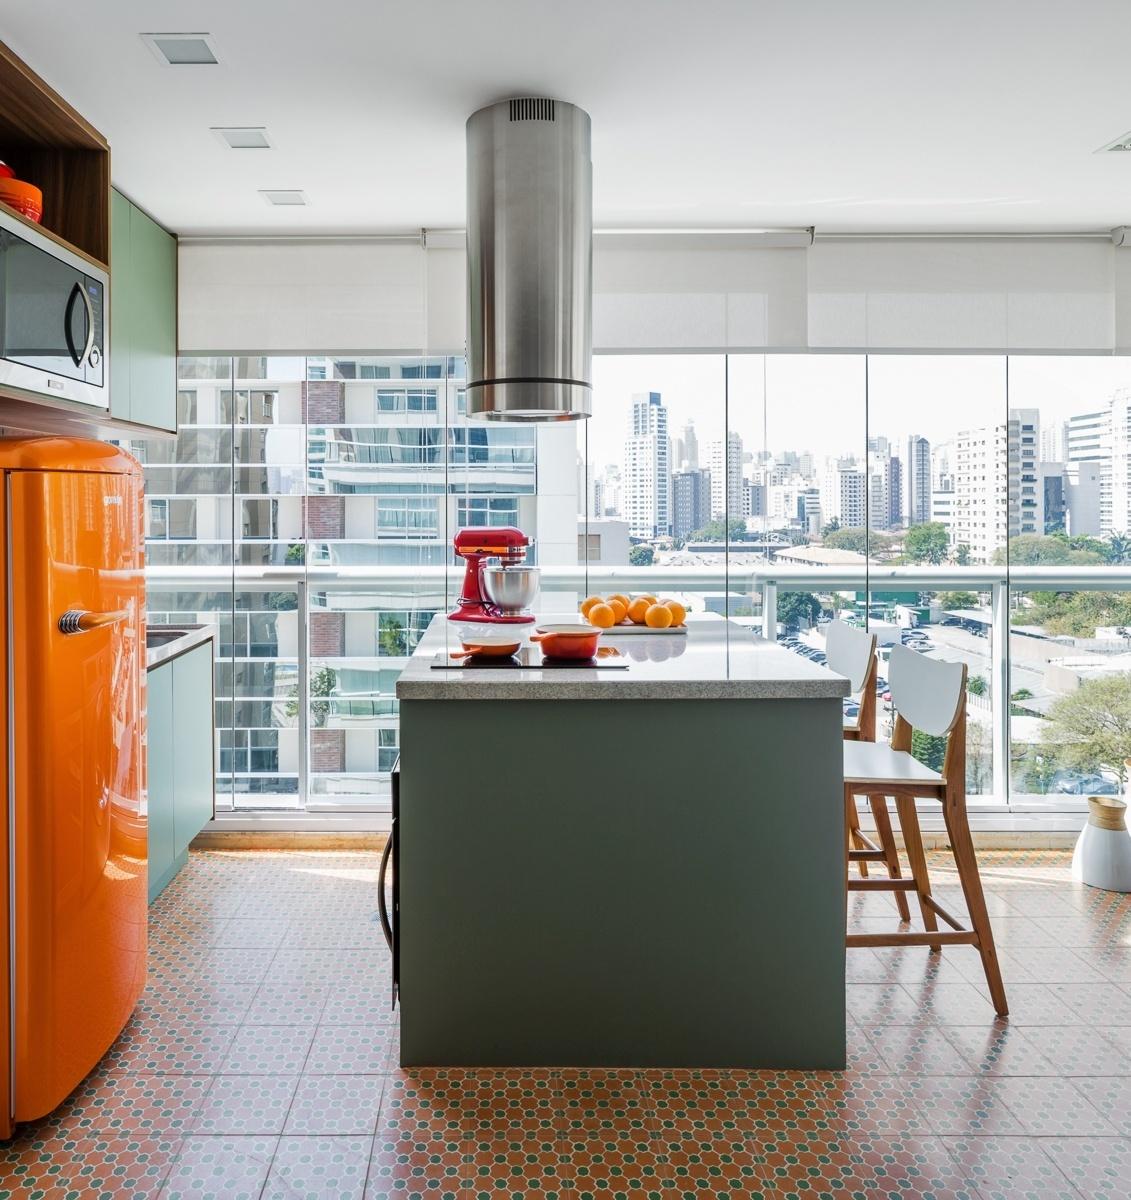 A varanda do apê Affinity foi transformada em uma gostosa cozinha com uma ilha que abriga cooktop e forno e serve como mesa. Destaque para a geladeira retrô, da Gorenje, e o piso colorido formado pelos ladrilhos hidráulicos da Ornatos. O projeto de reforma é da arquiteta Marcela Madureira